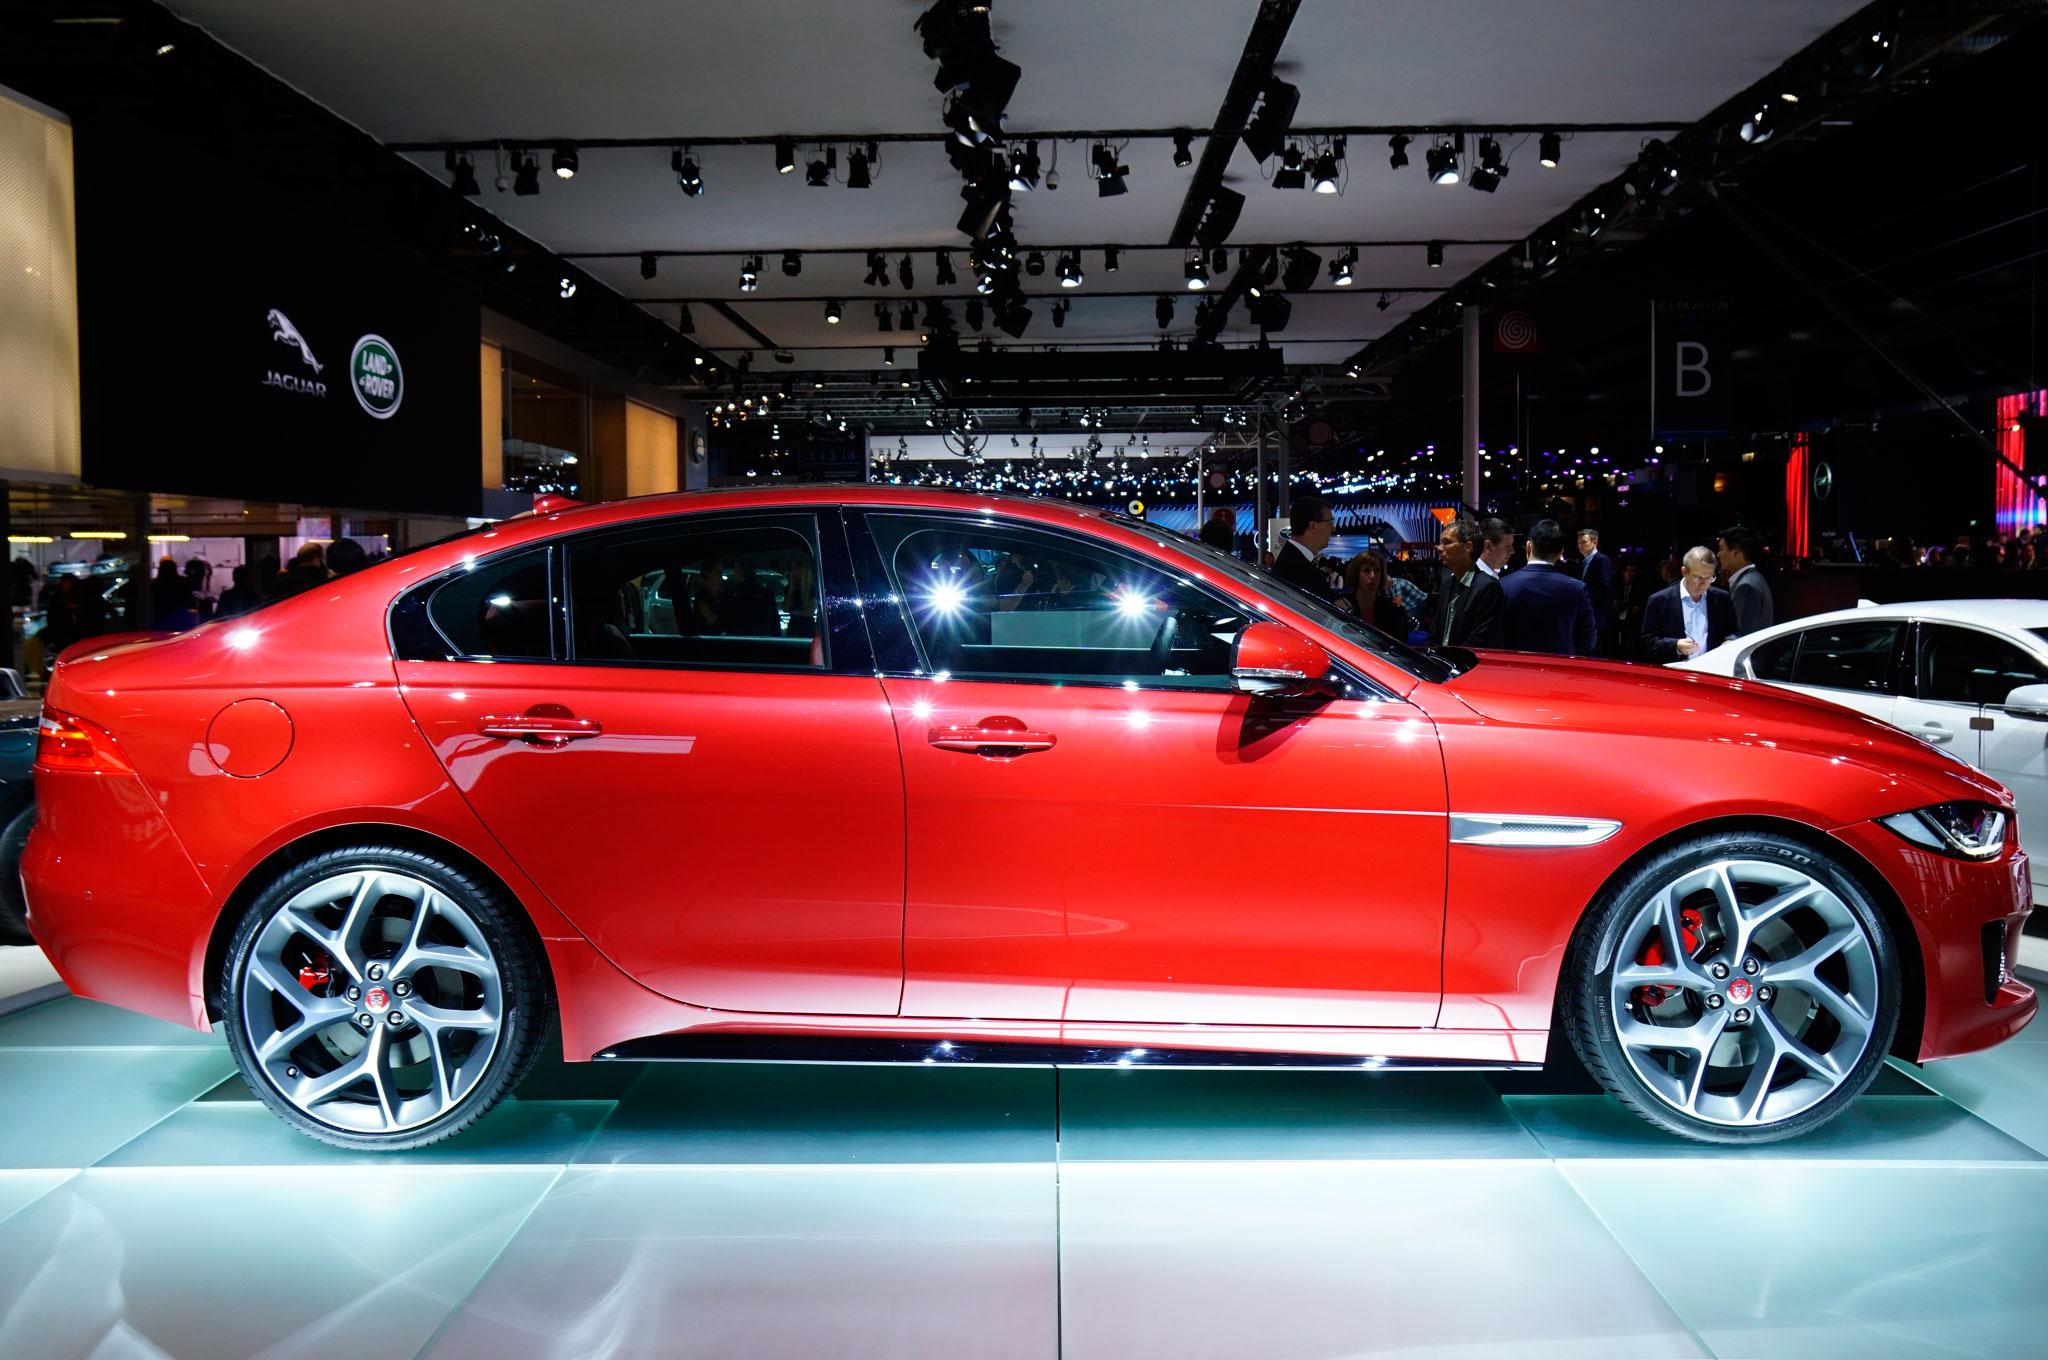 2016 Jaguar XE Red